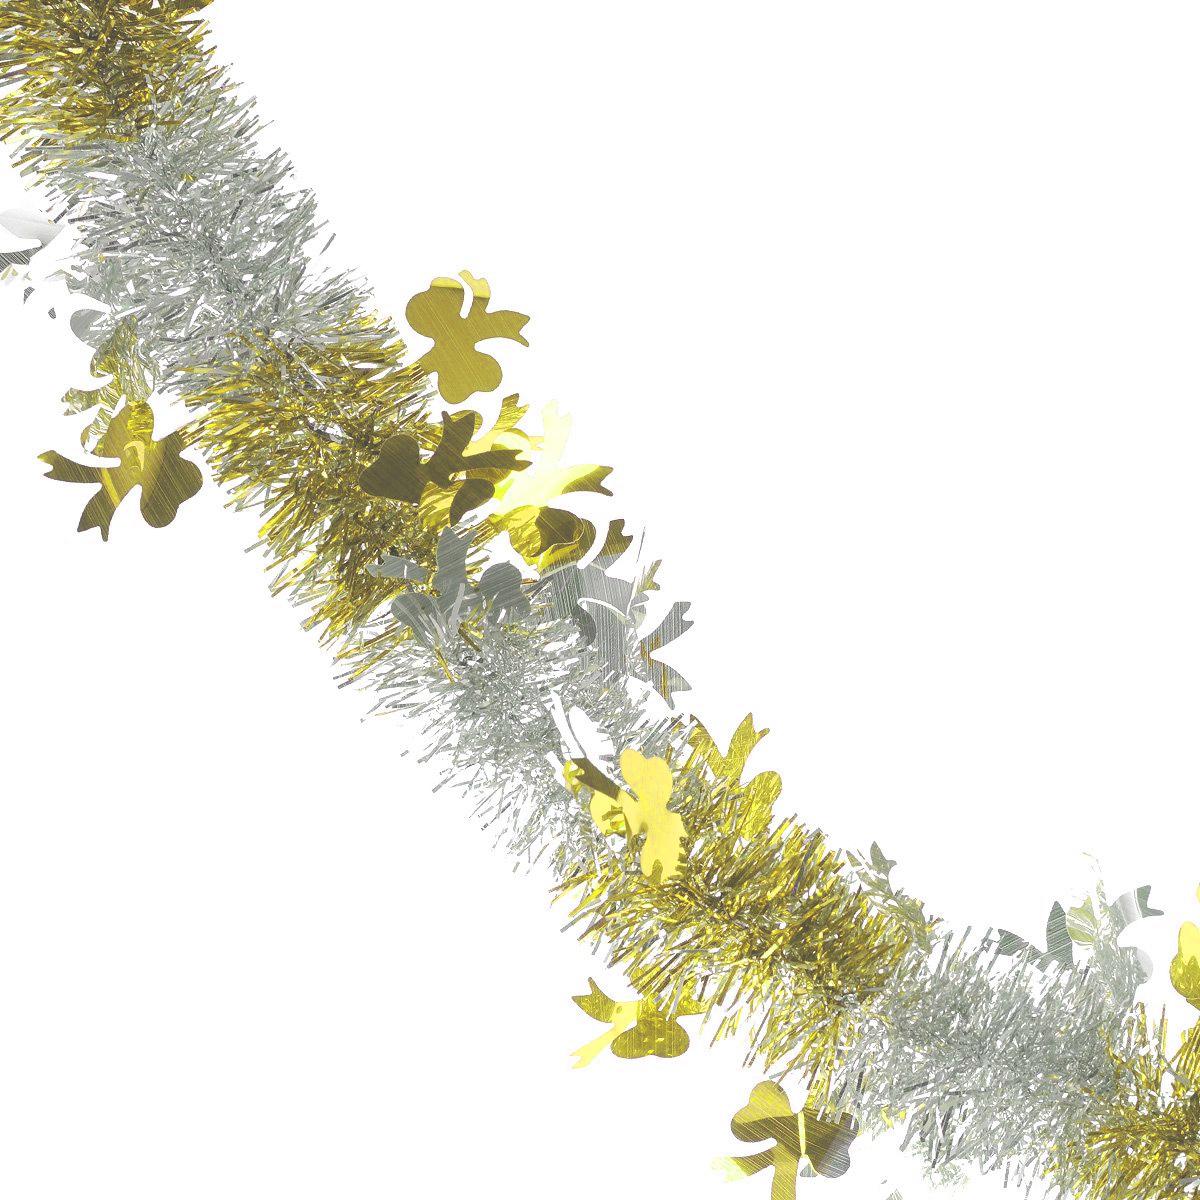 Мишура новогодняя Sima-land, цвет: серебристый, золотистый, диаметр 5 см, длина 200 см. 702605DP-C30-025Мишура новогодняя Sima-land, выполненная из двухцветной фольги, поможет вам украсить свой дом к предстоящим праздникам. Мишура армирована, то есть имеет проволоку внутри и способна сохранять приданную ей форму.Новогодняя елка с таким украшением станет еще наряднее. Новогодней мишурой можно украсить все, что угодно - елку, квартиру, дачу, офис - как внутри, так и снаружи. Можно сложить новогодние поздравления, буквы и цифры, мишурой можно украсить и дополнить гирлянды, можно выделить дверные колонны, оплести дверные проемы. Коллекция декоративных украшений из серии Зимнее волшебство принесет в ваш дом ни с чем несравнимое ощущение праздника! Создайте в своем доме атмосферу тепла, веселья и радости, украшая его всей семьей.